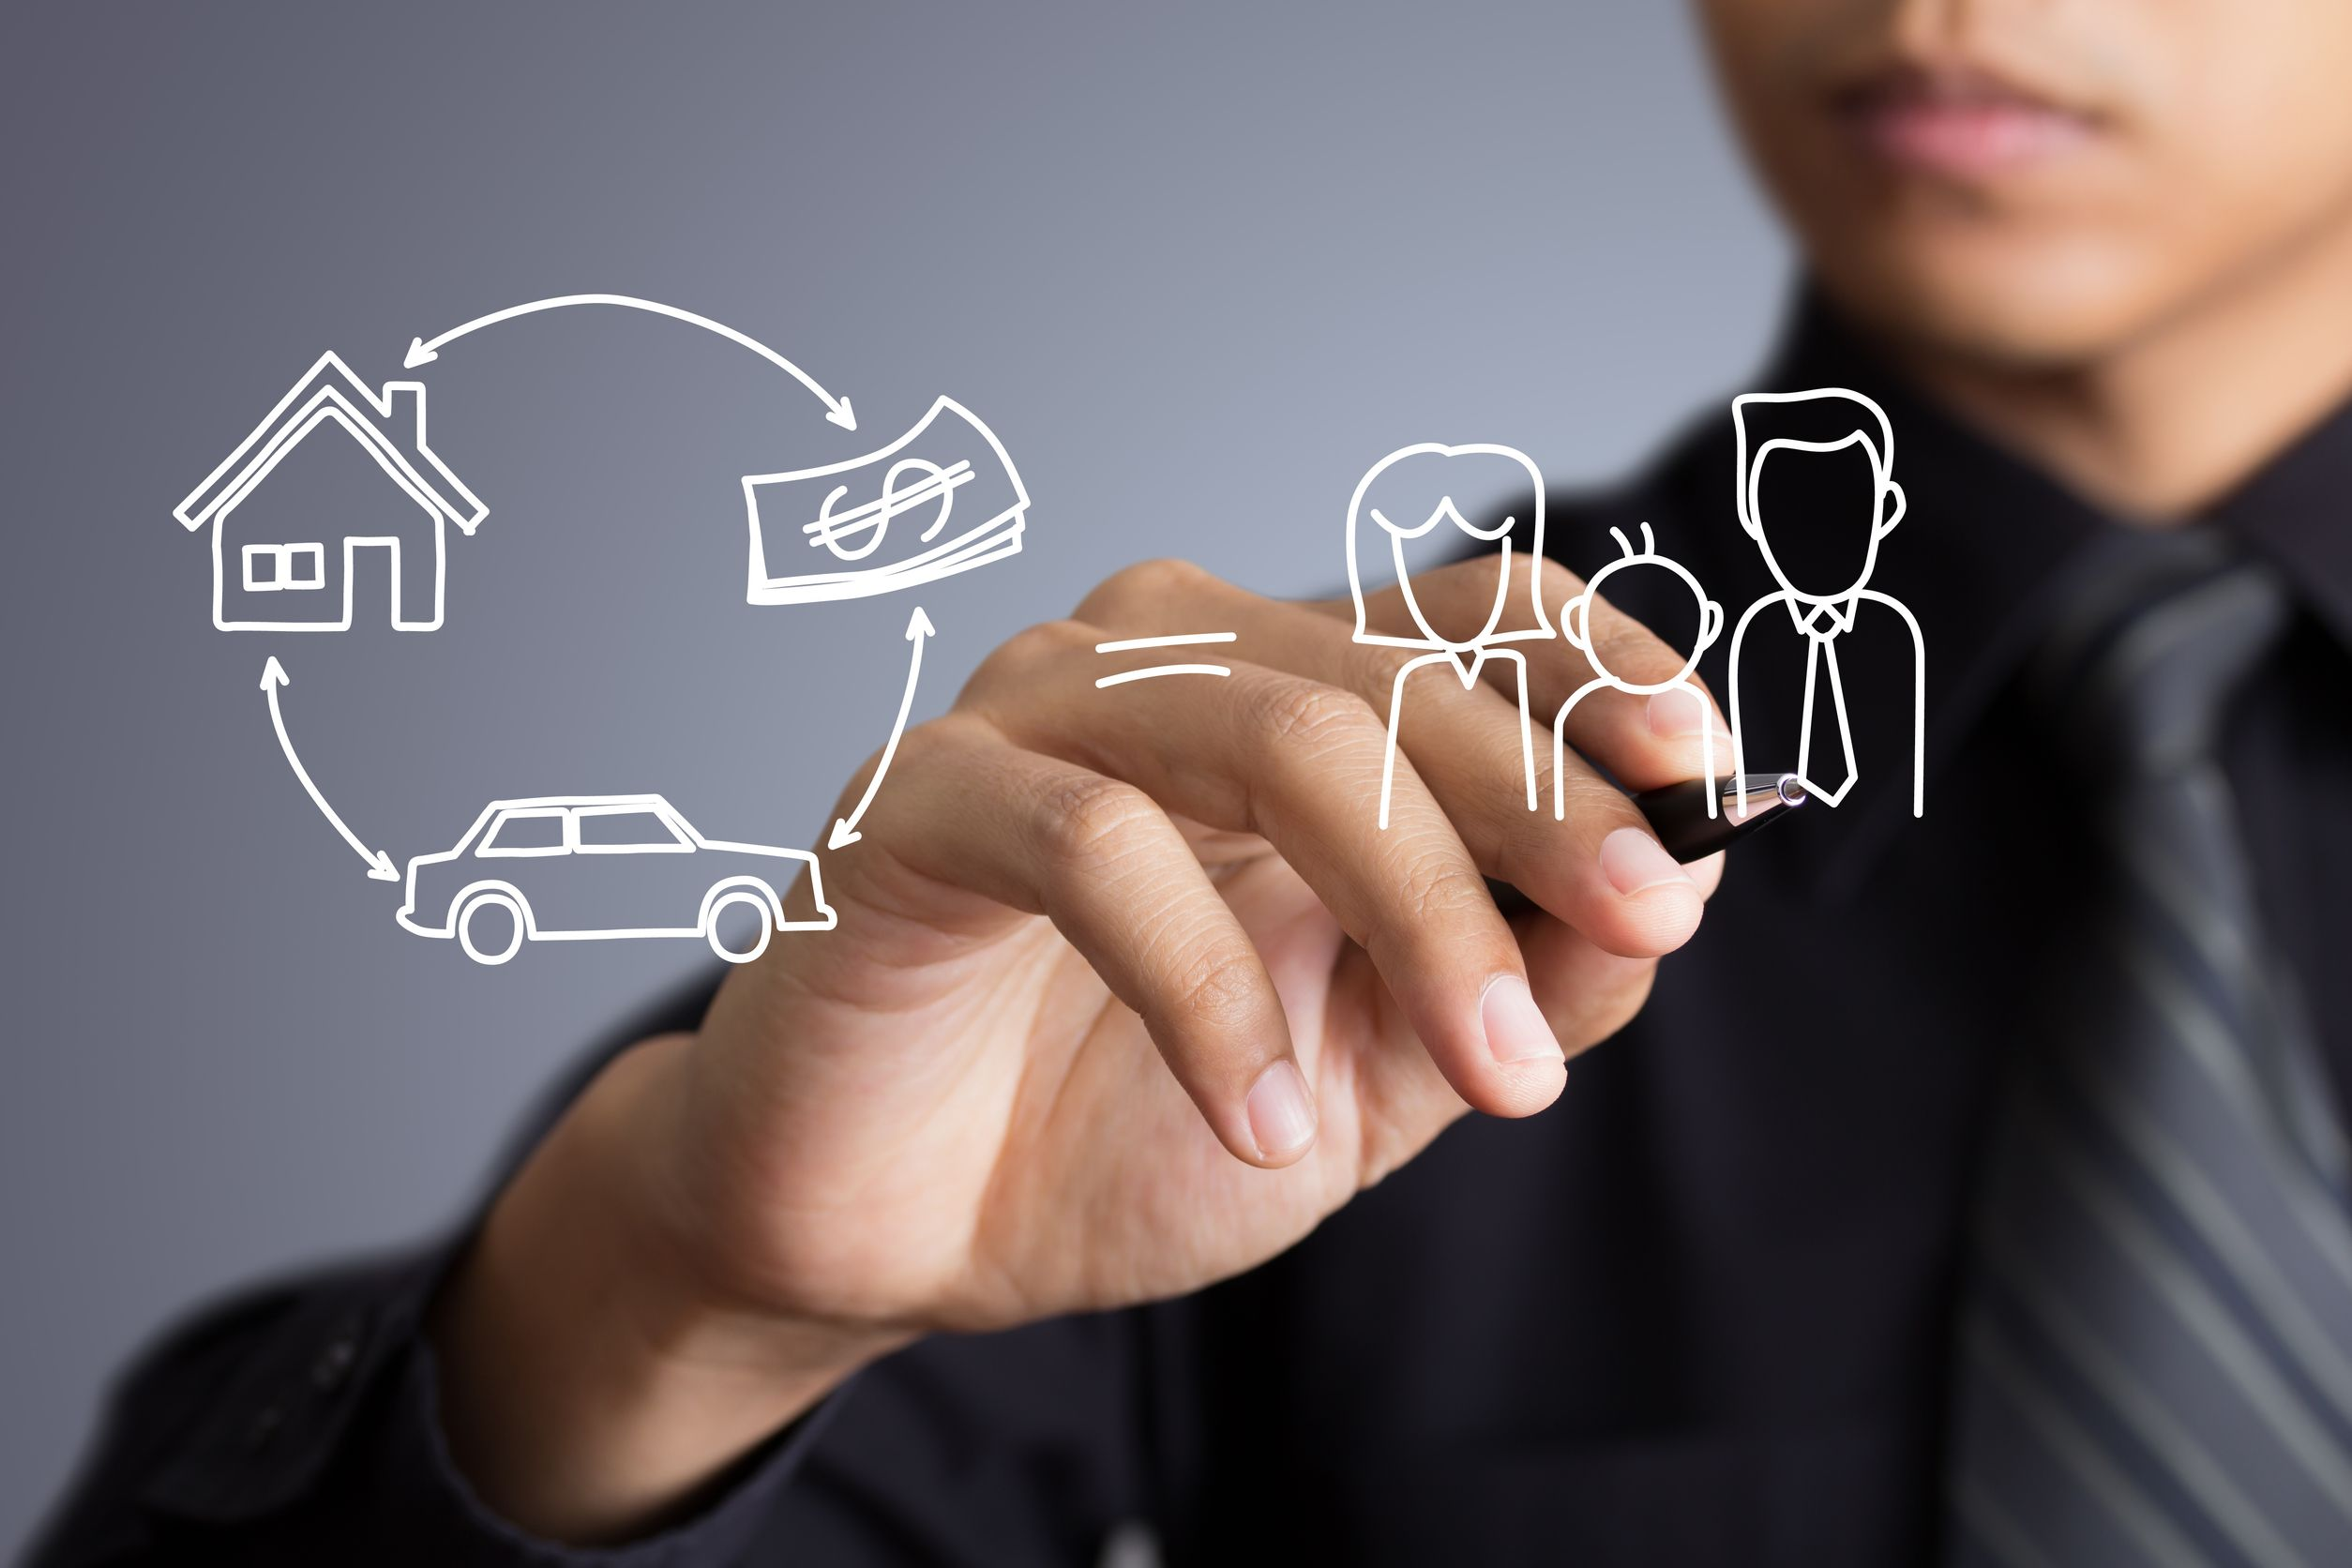 Comment chercher une bonne assurance emprunteur?